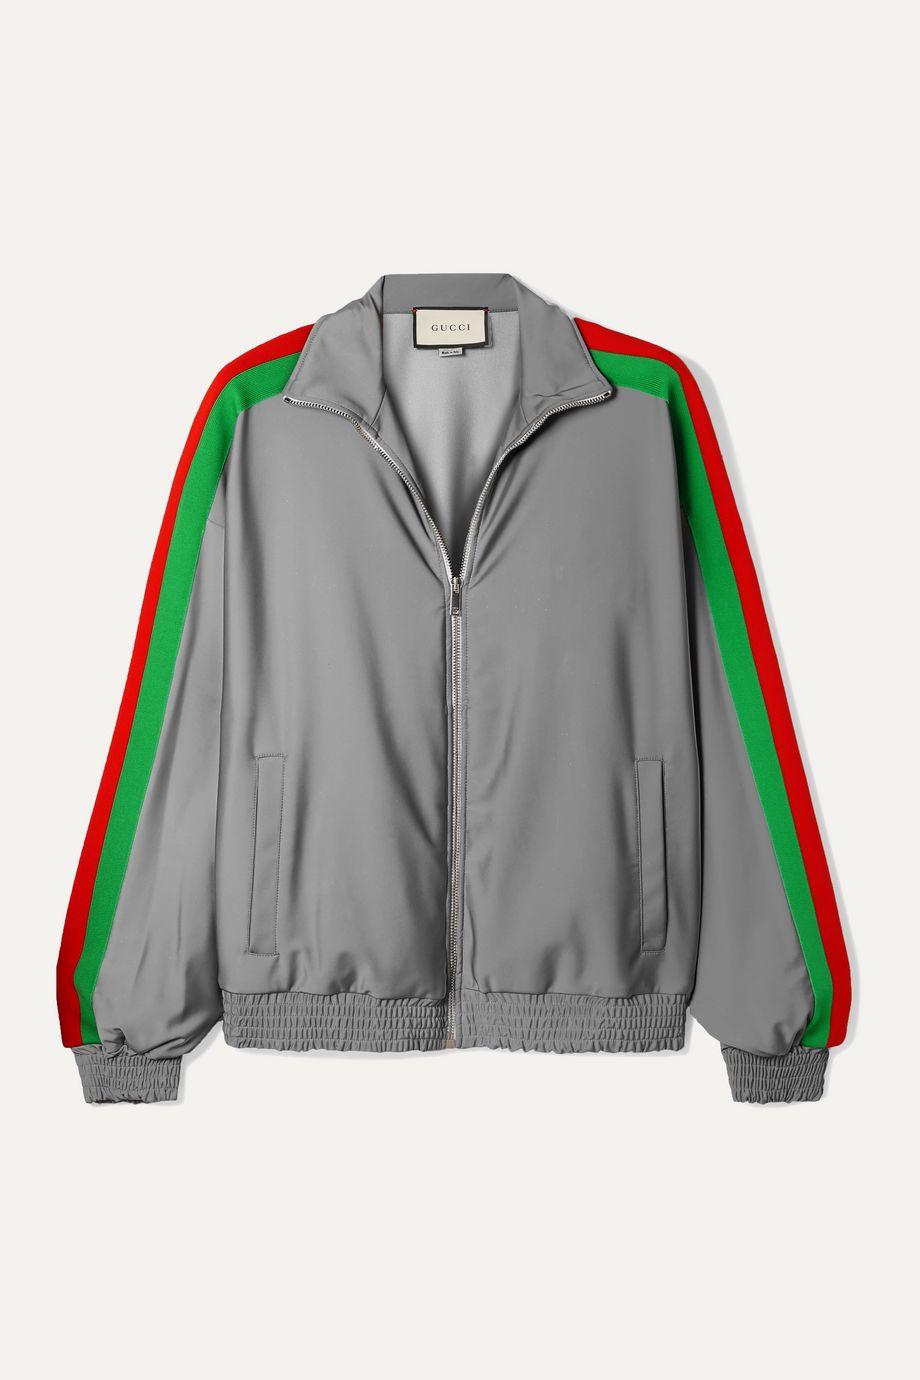 Gucci Reflective stretch-jersey track jacket